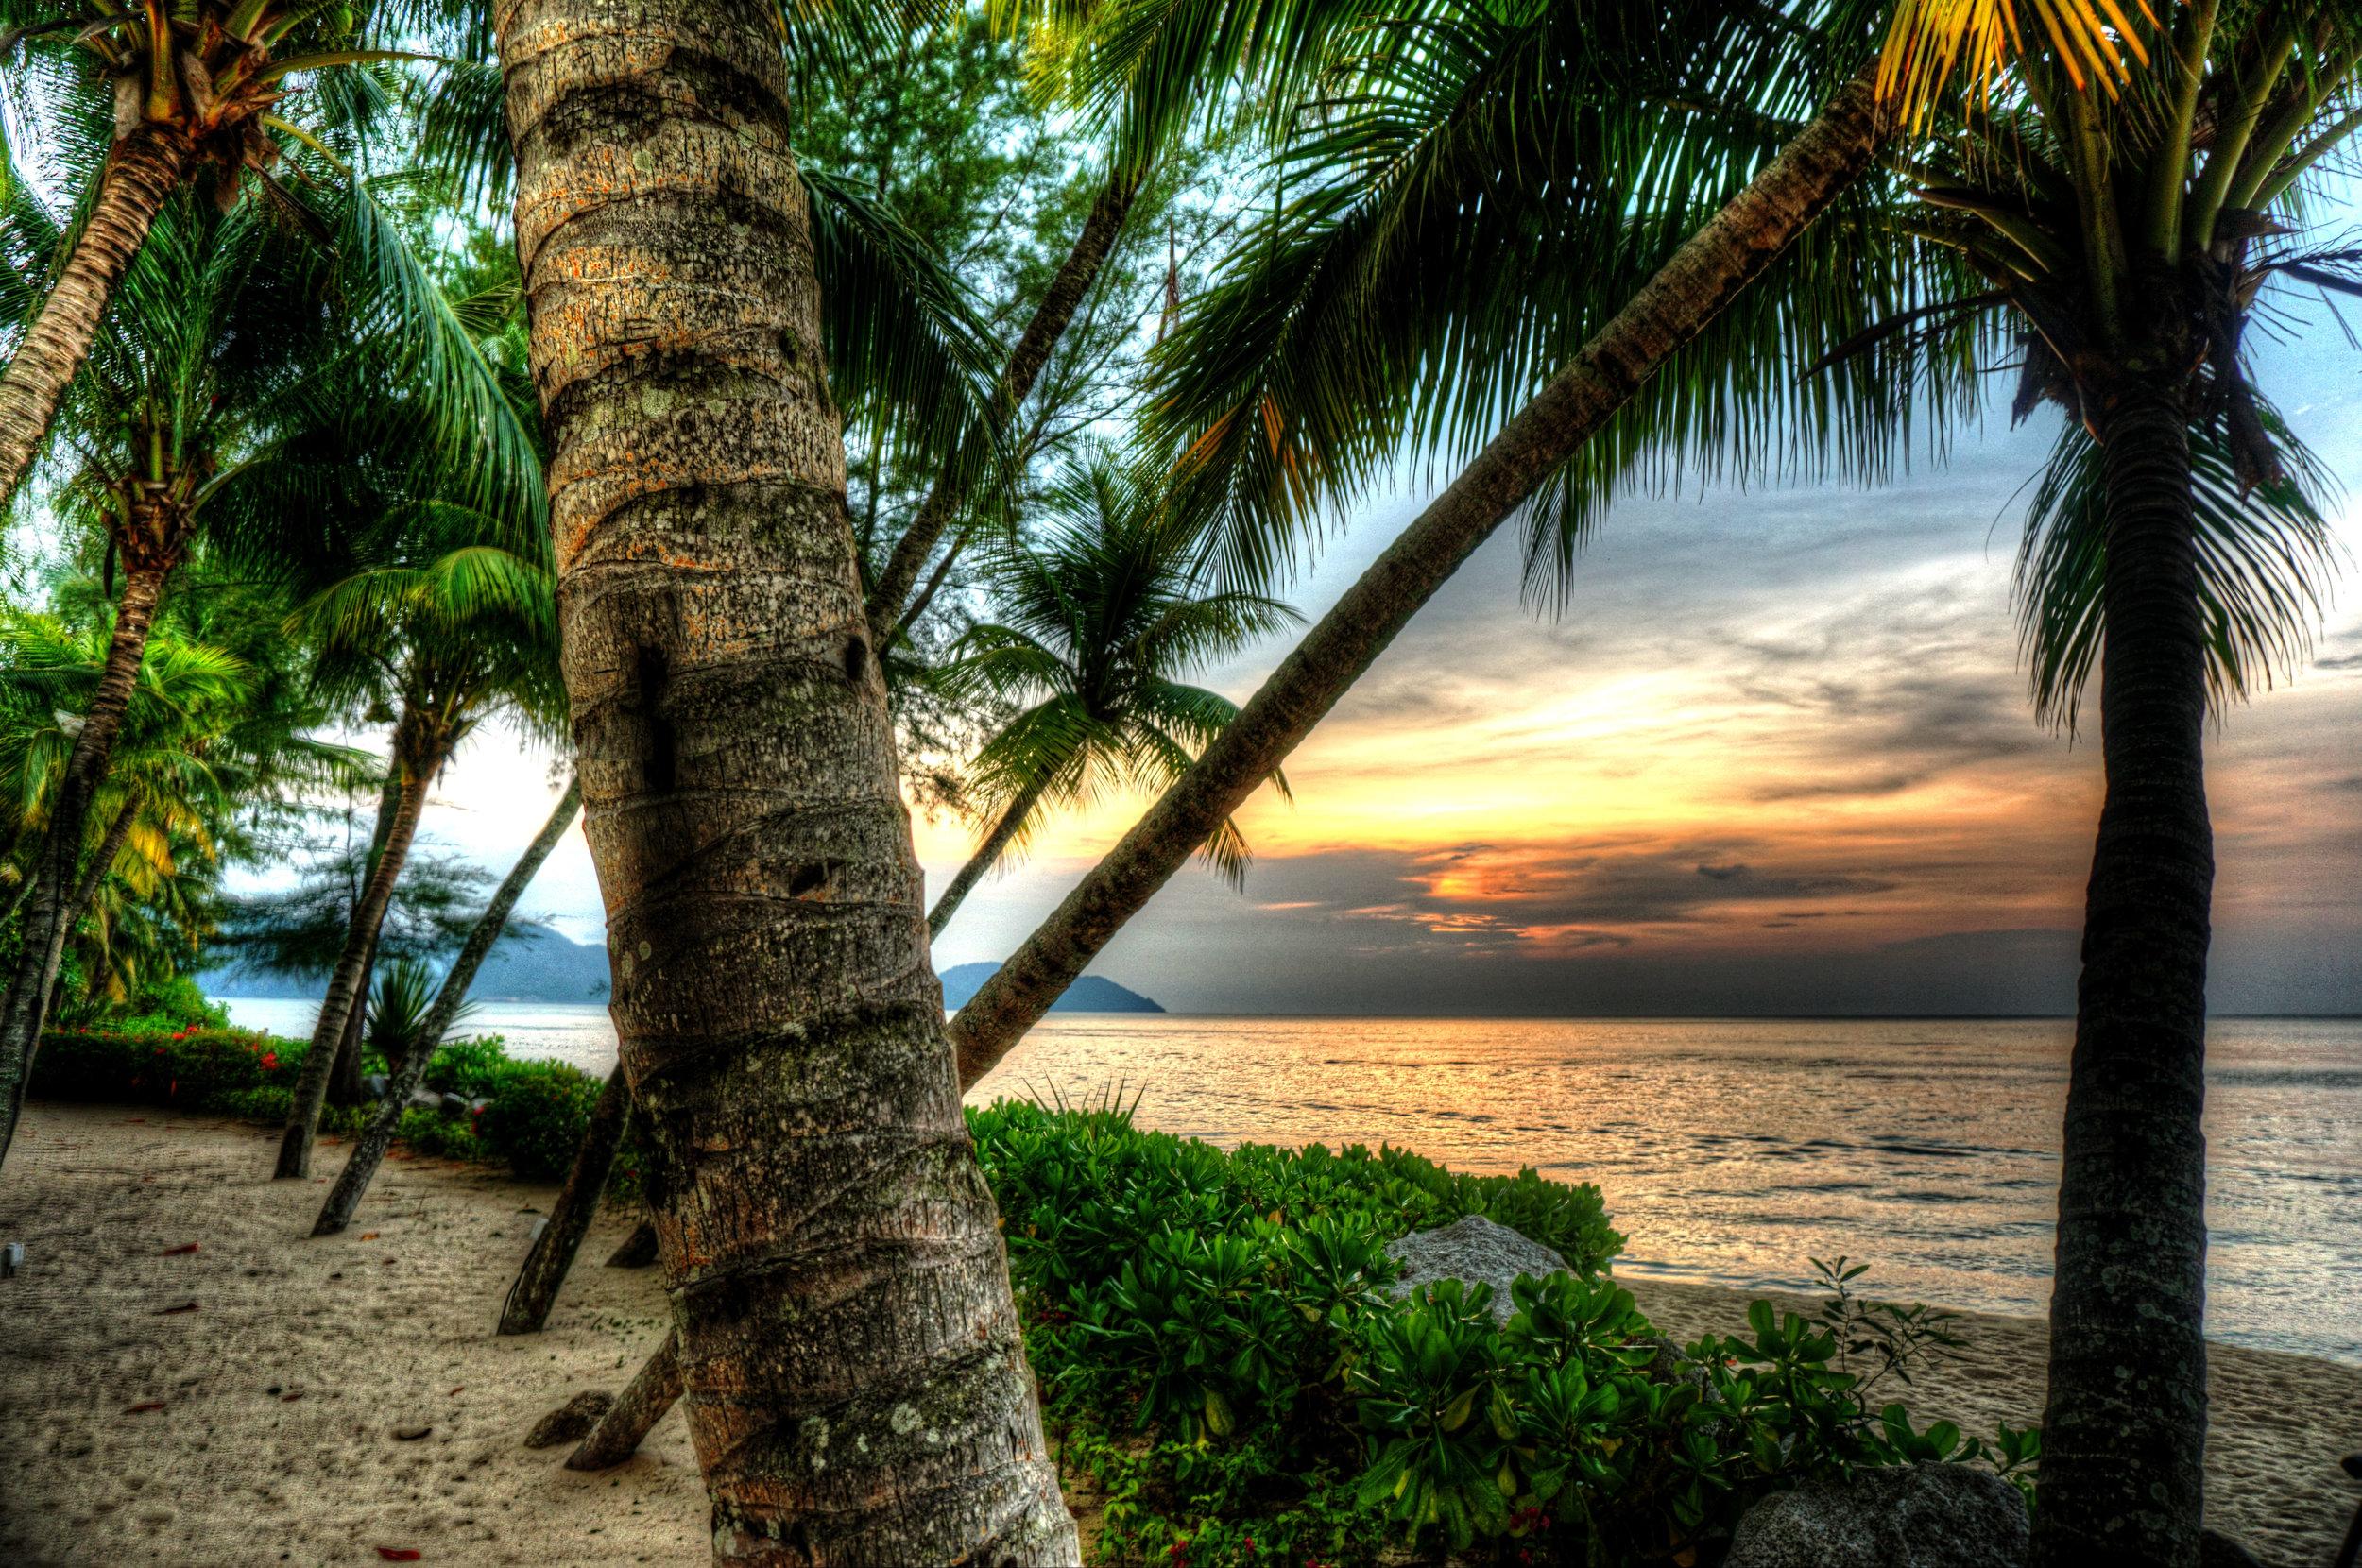 malaysian beach 5 lq.jpg